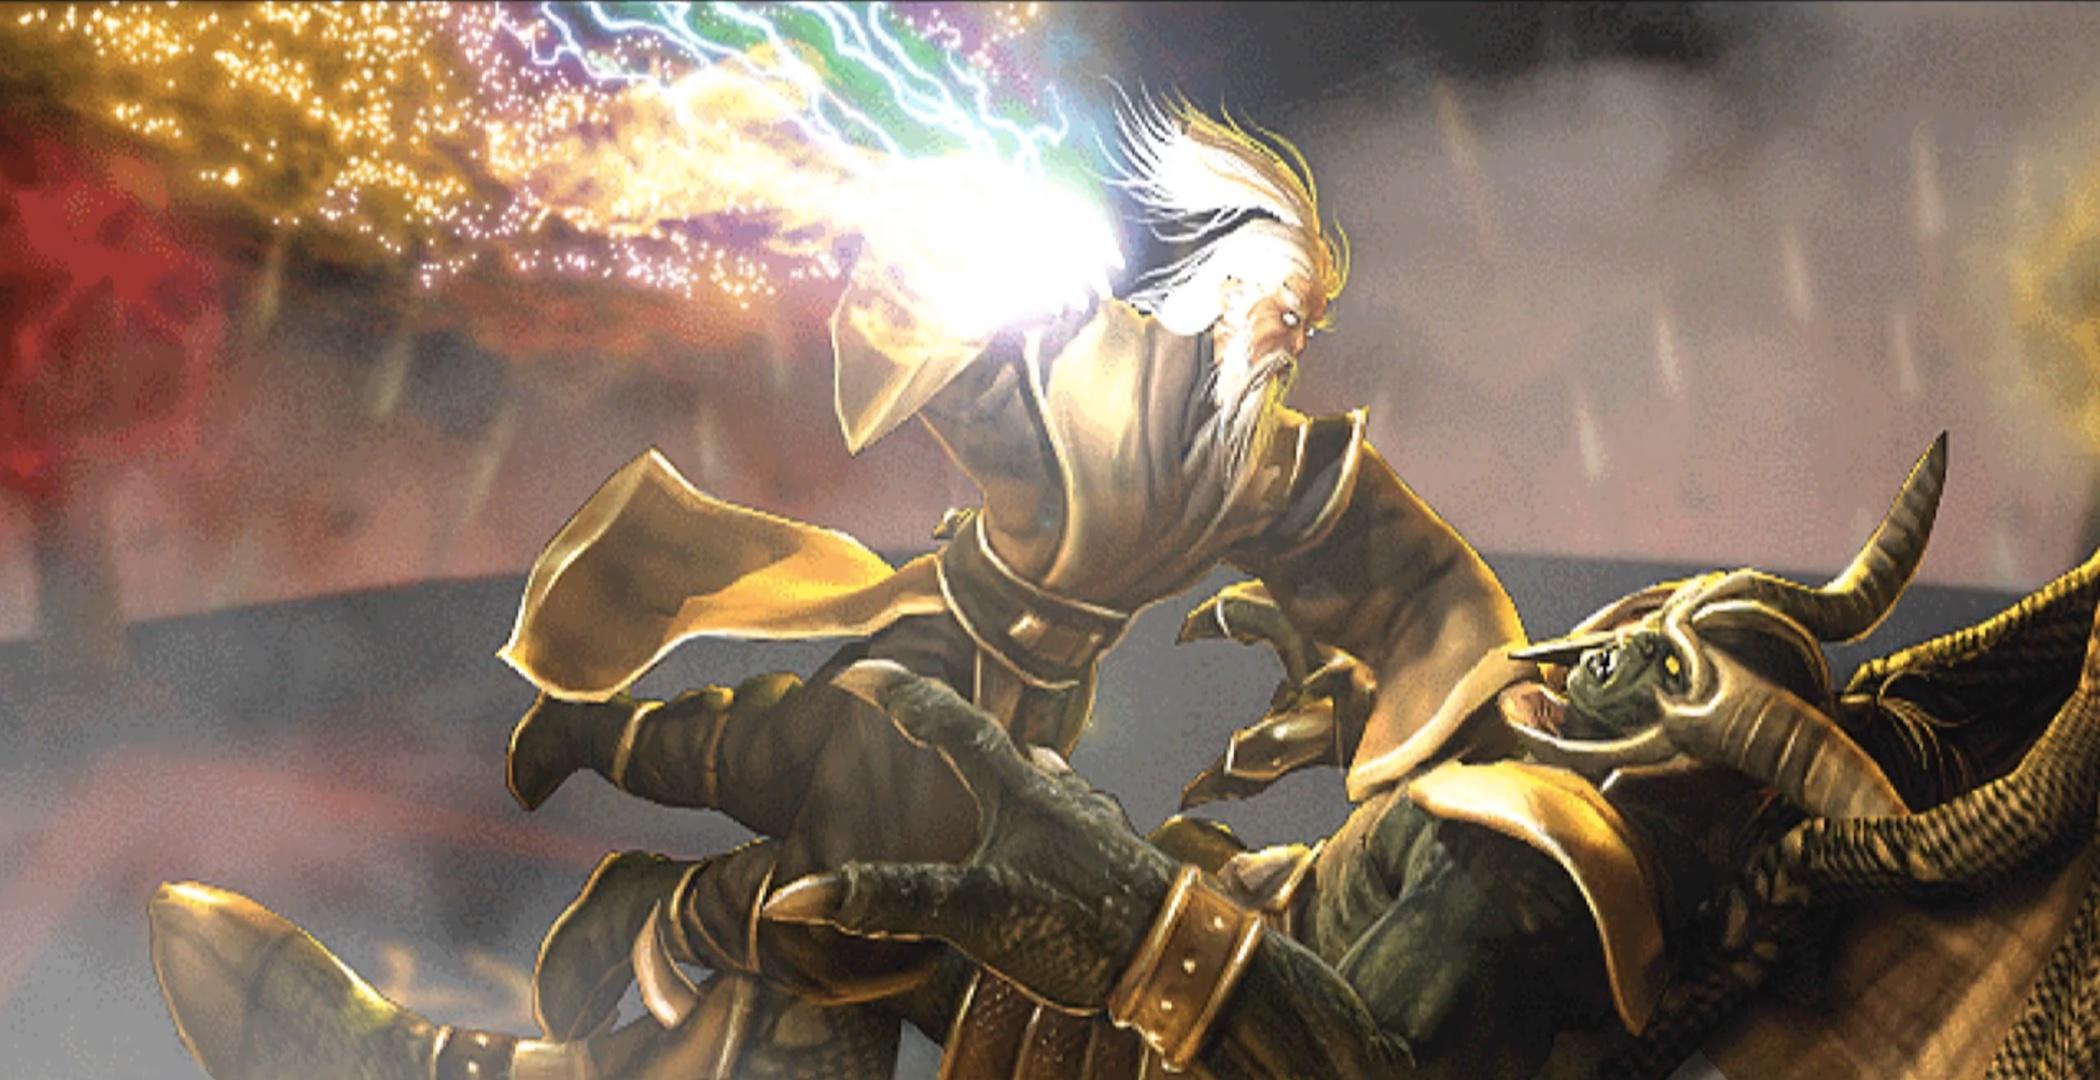 A still of Shujinko attacking Onaga in Mortal Kombat: Deception